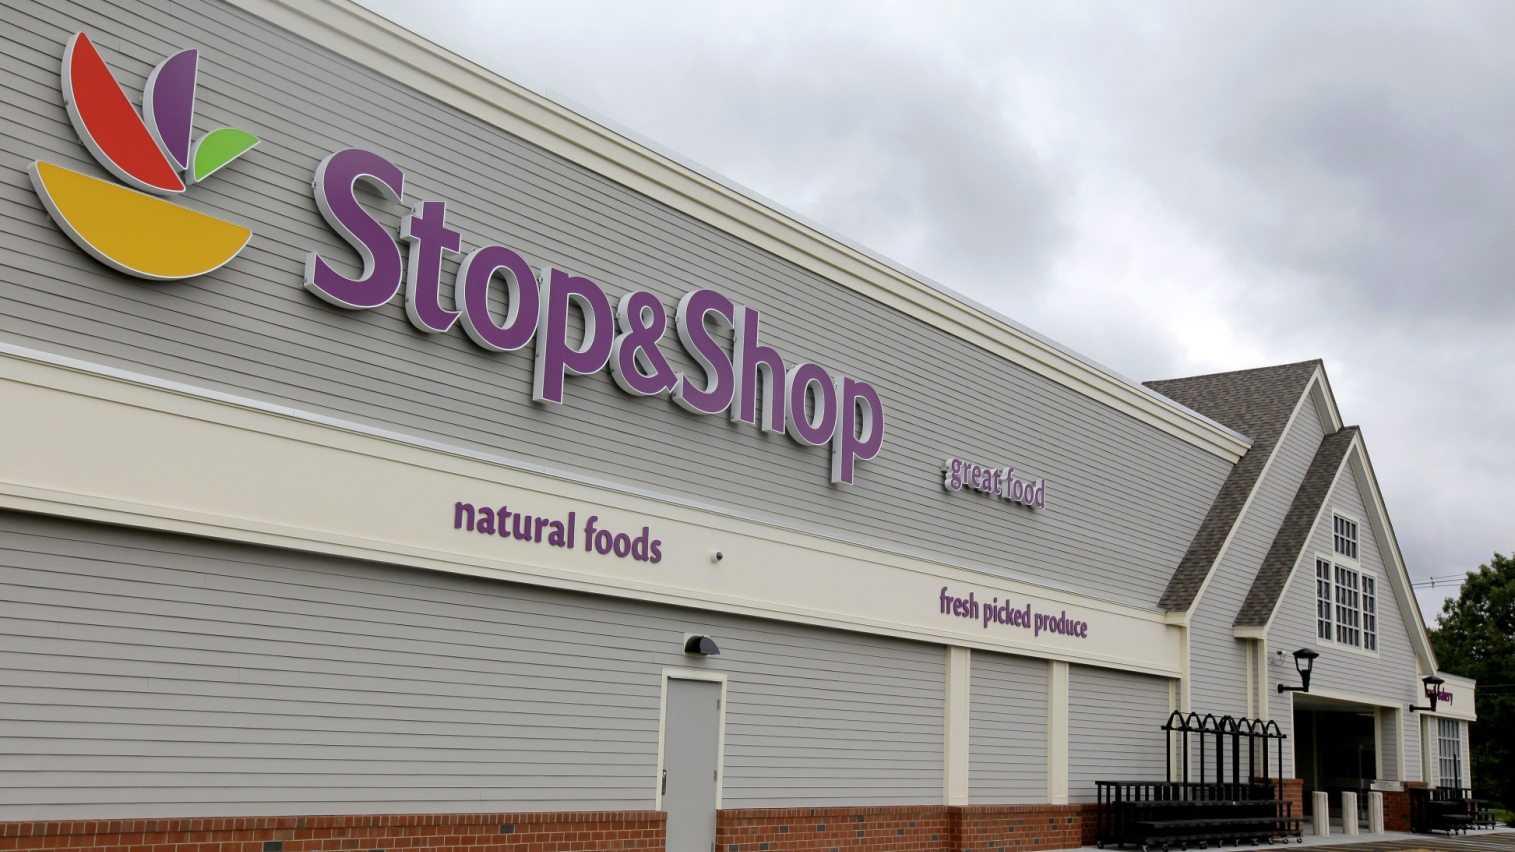 48. Stop & Shop - Score of 72